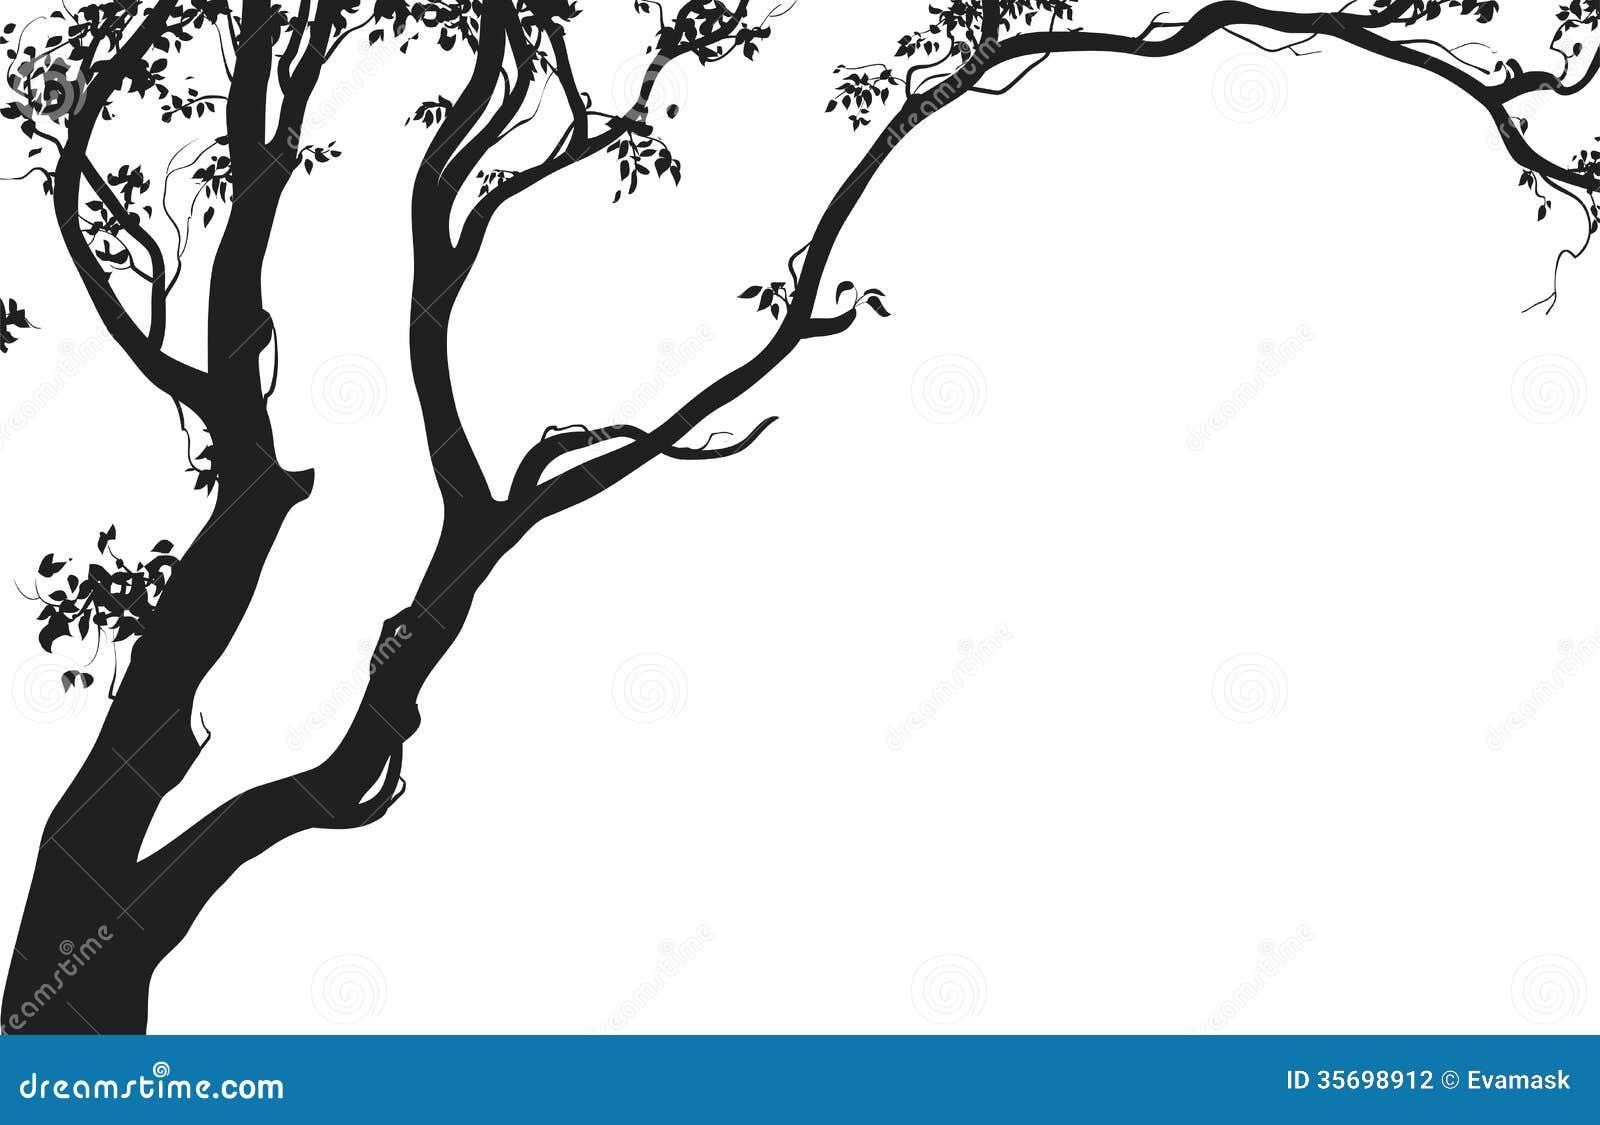 在白色背景,例证的落叶树剪影.图片